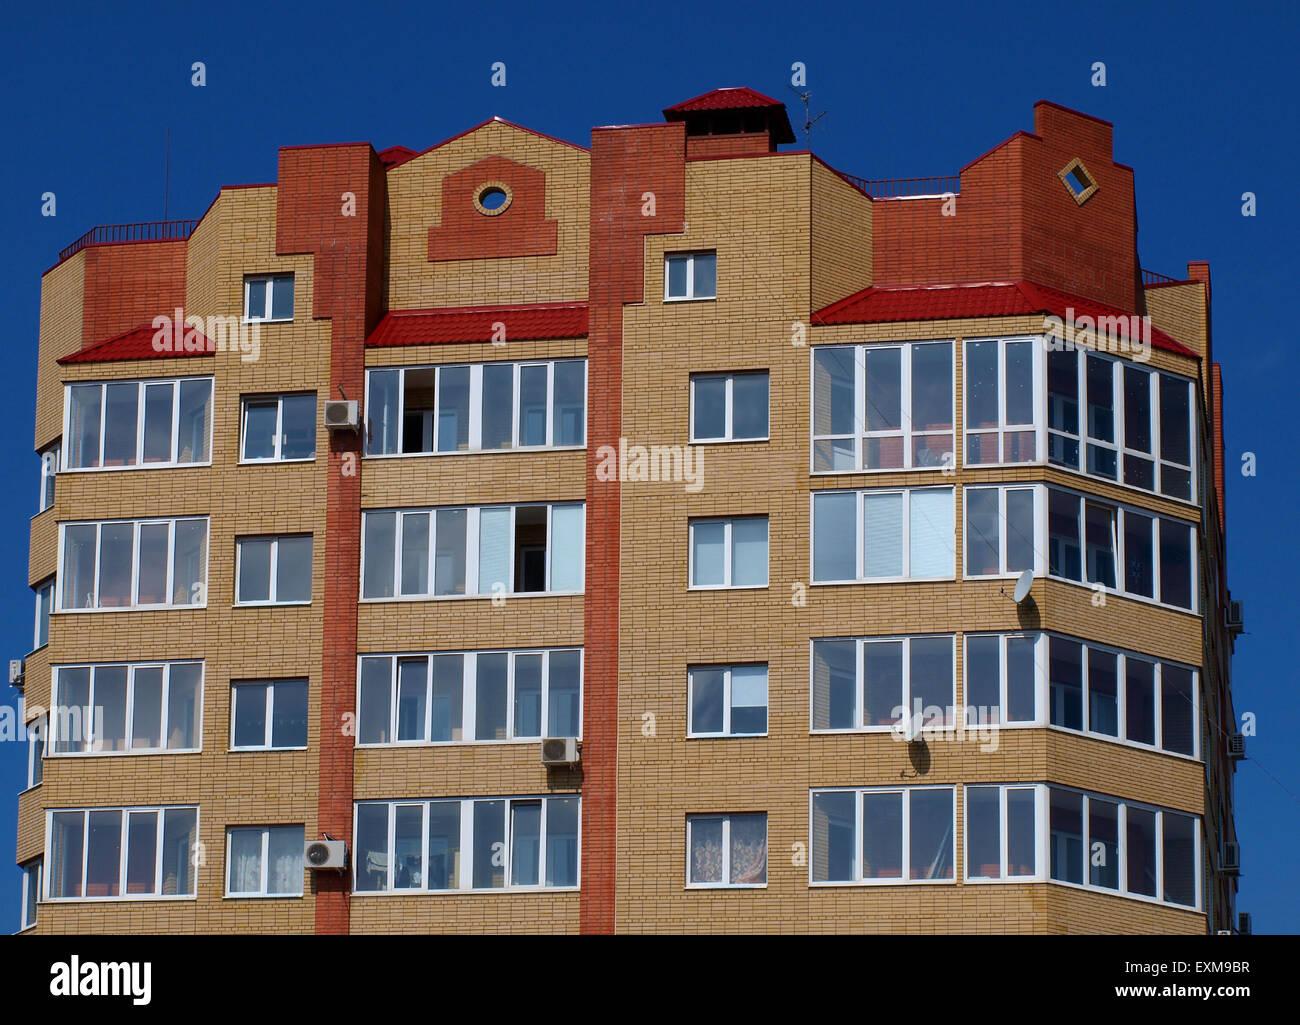 Los pisos superiores del edificio de varias plantas contra el azul del cielo sin nubes Imagen De Stock